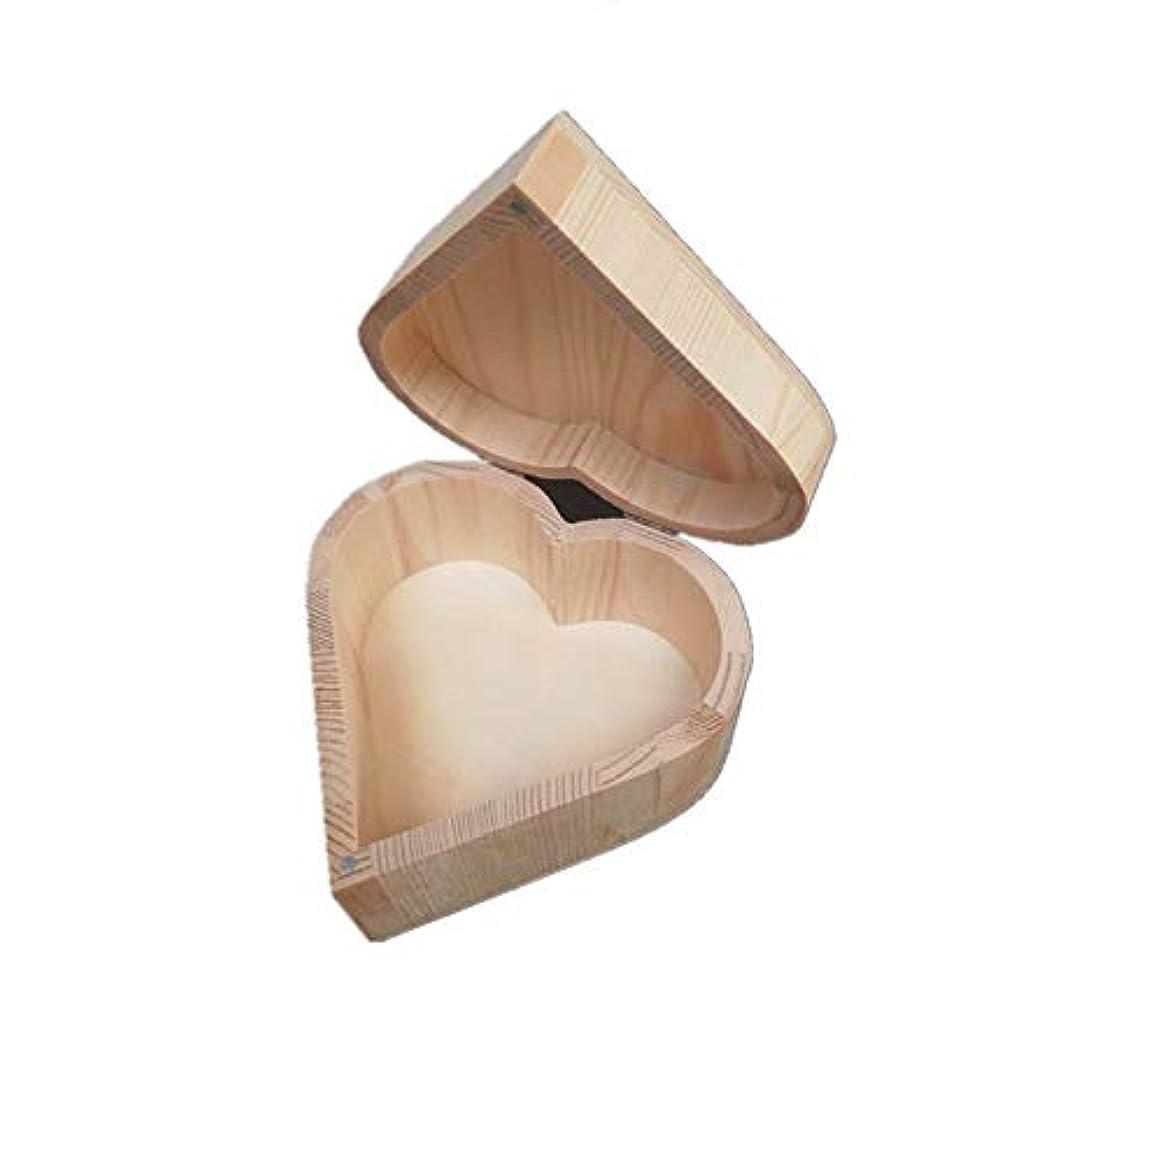 手紙を書くチーフ事実エッセンシャルオイルの保管 手作りハート木製のエッセンシャルオイルボックスパーフェクトエッセンシャルオイルケース (色 : Natural, サイズ : 13X13X7CM)